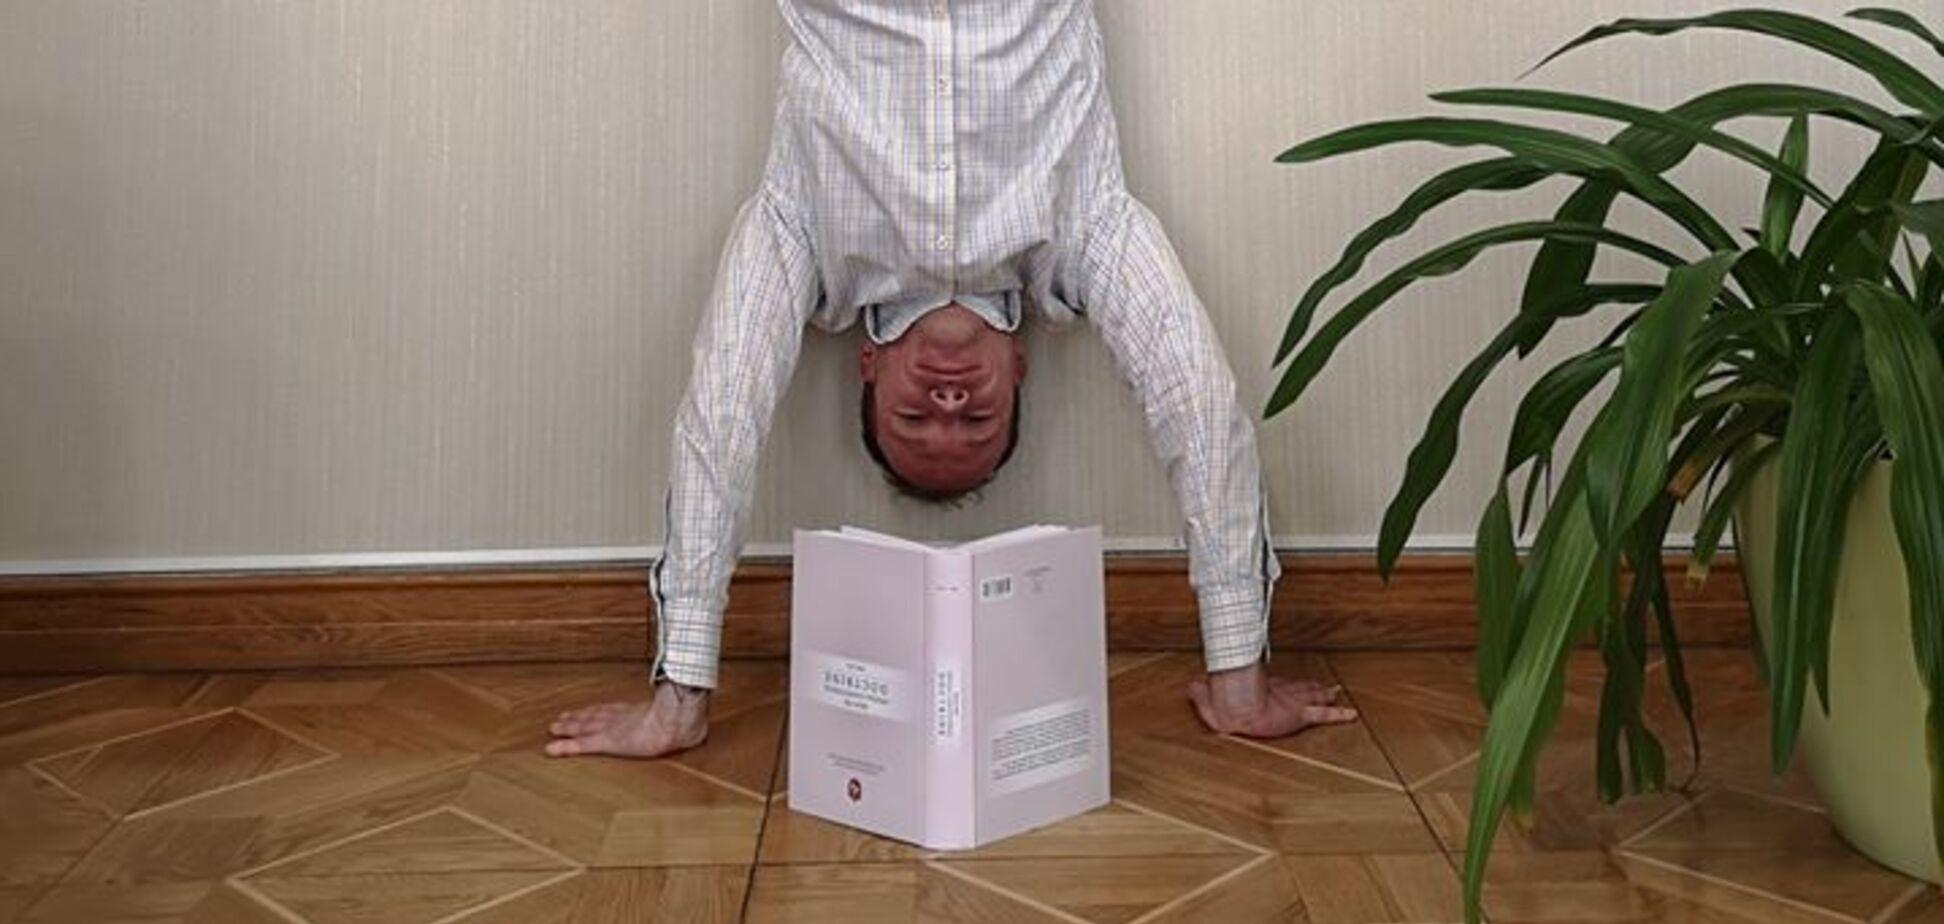 'Вызывайте санитаров': украинцев озадачило странное фото министра юстиции